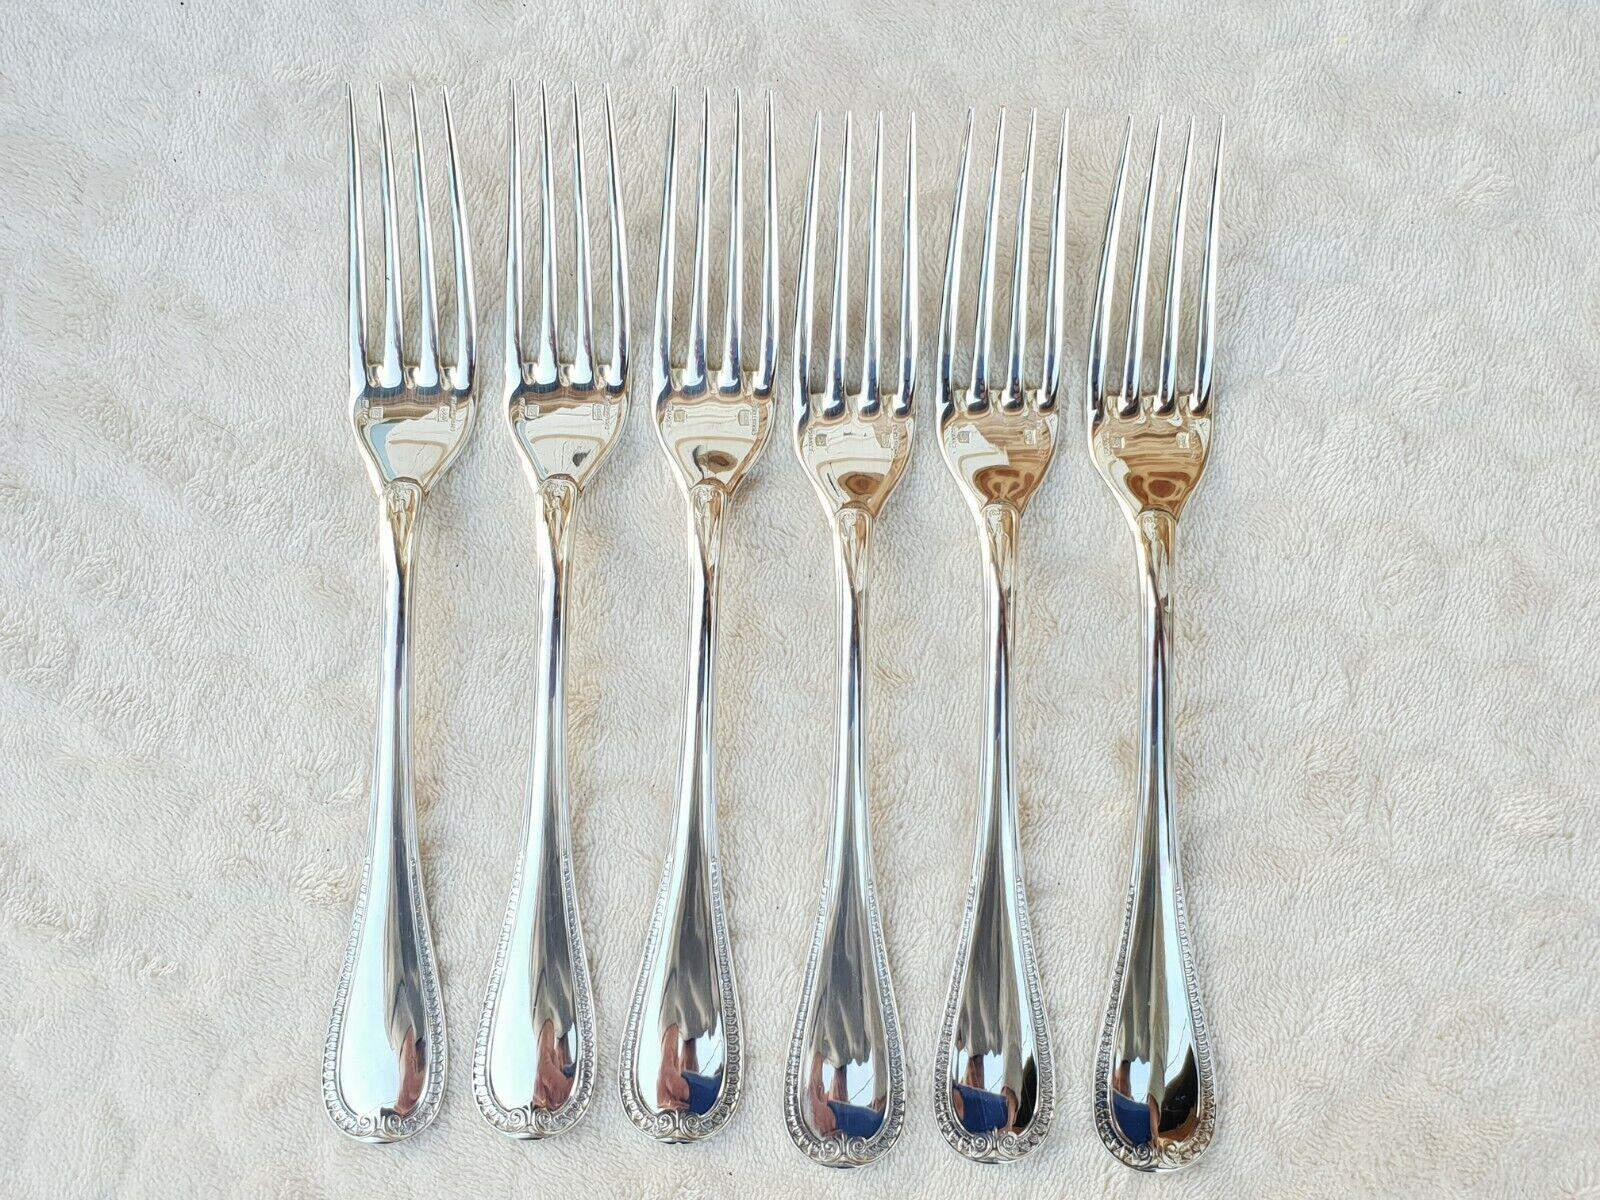 6 fourchettes de table CHRISTOFLE en métal Silberé modèle Malmaison ref 781c